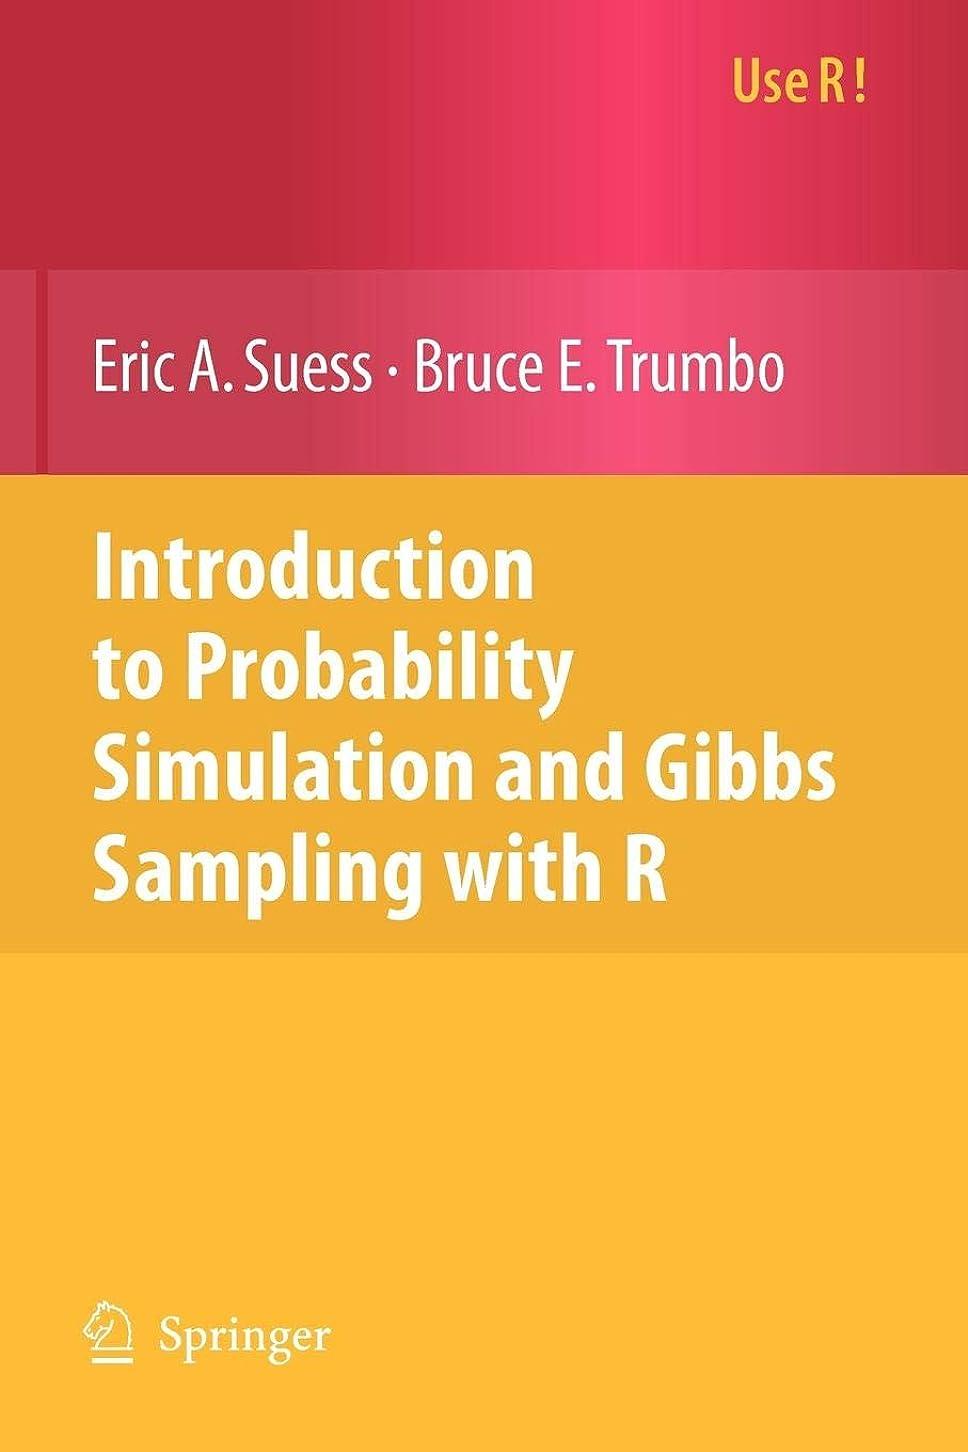 足音注入する不均一Introduction to Probability Simulation and Gibbs Sampling with R (Use R!)